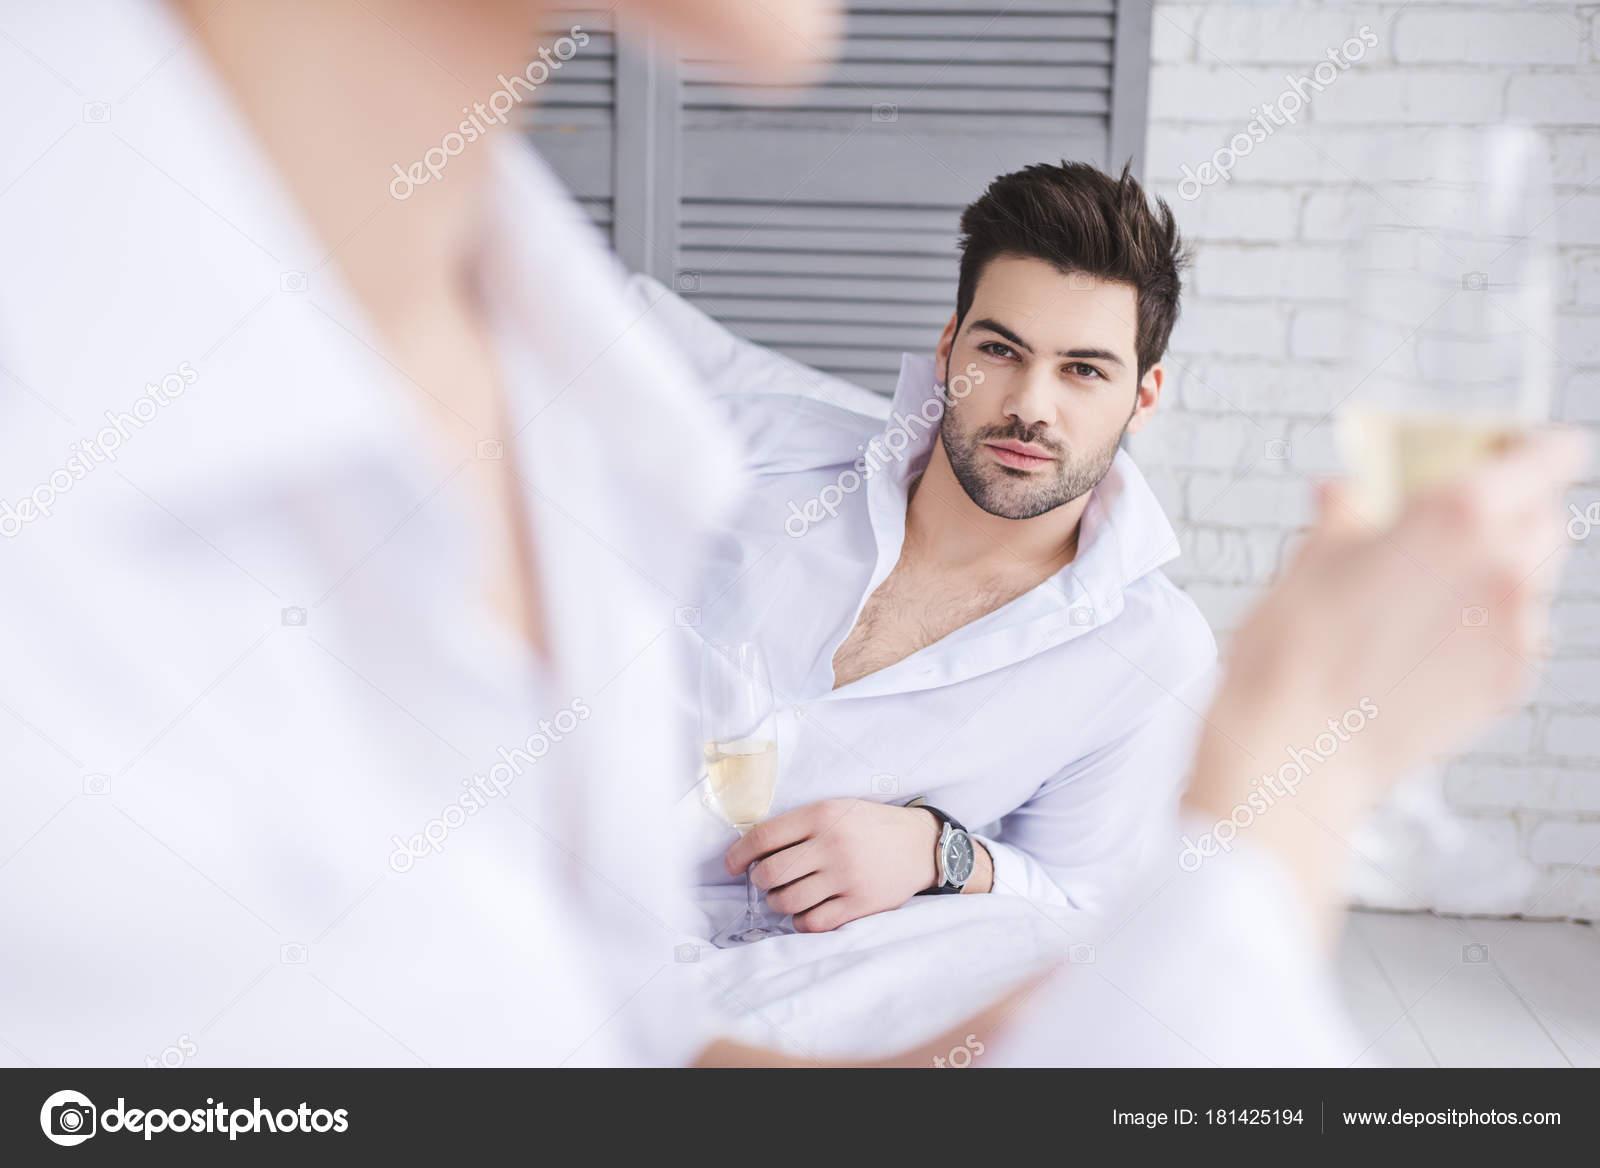 Fantastisch Tiefenschärfe Gut Aussehender Mann Blick Auf Freundin Trinken Champagner  Schlafzimmer U2014 Stockfoto